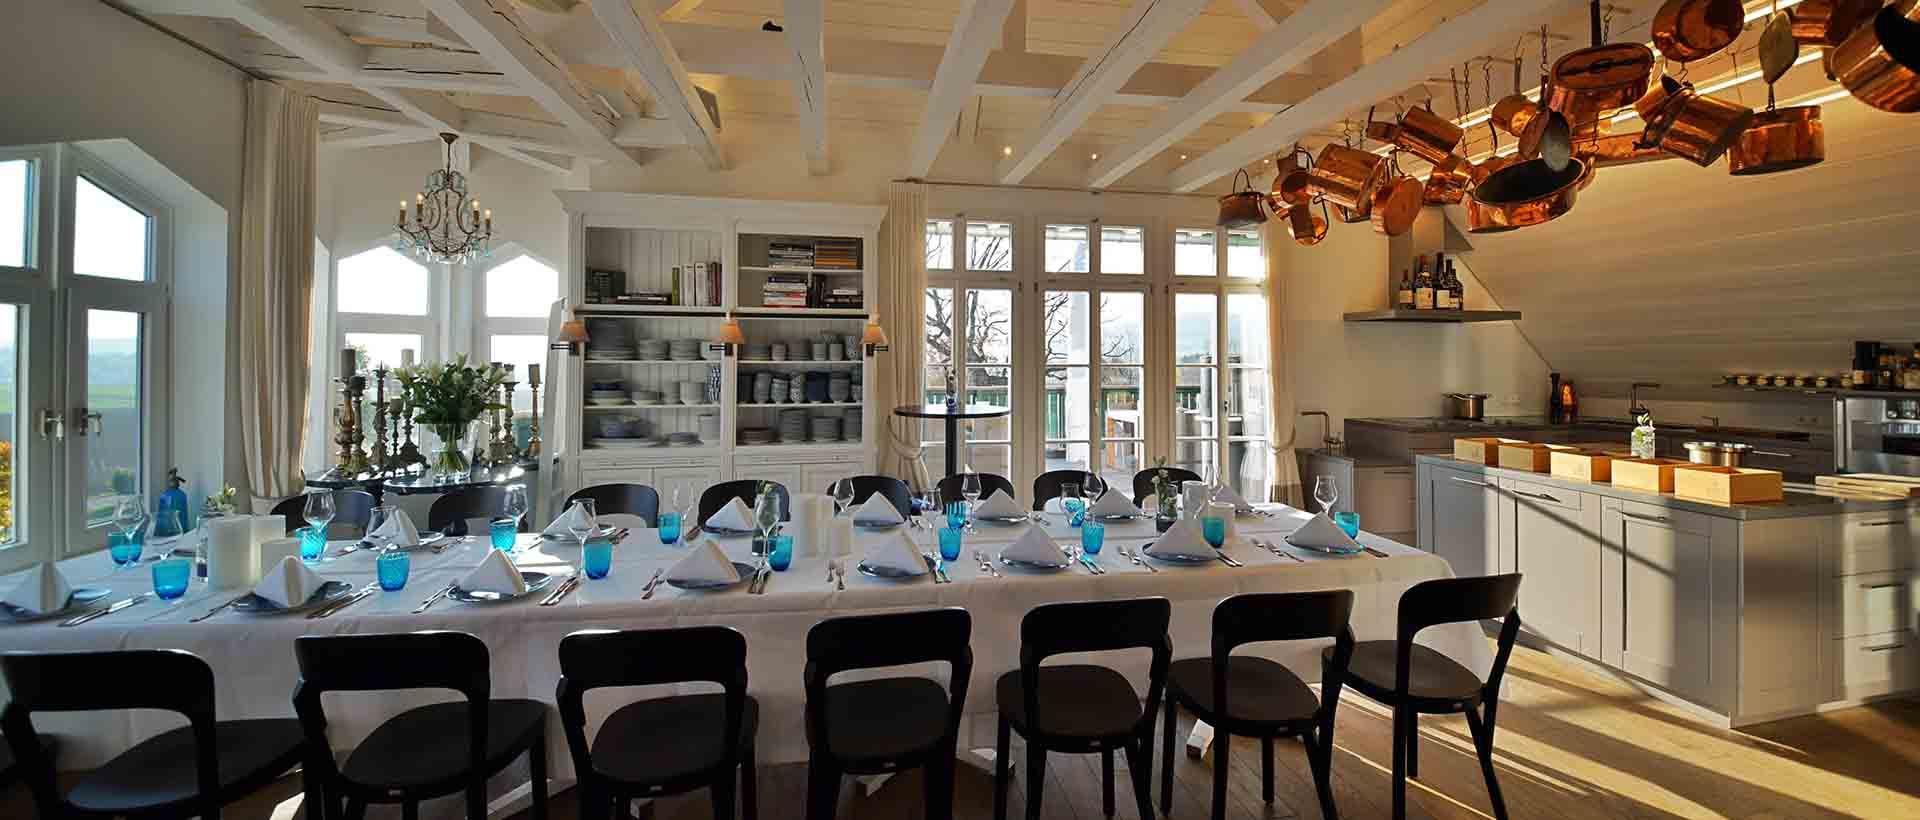 Die Eventlocation Kitchen Club im Restaurant Waldschlösschen